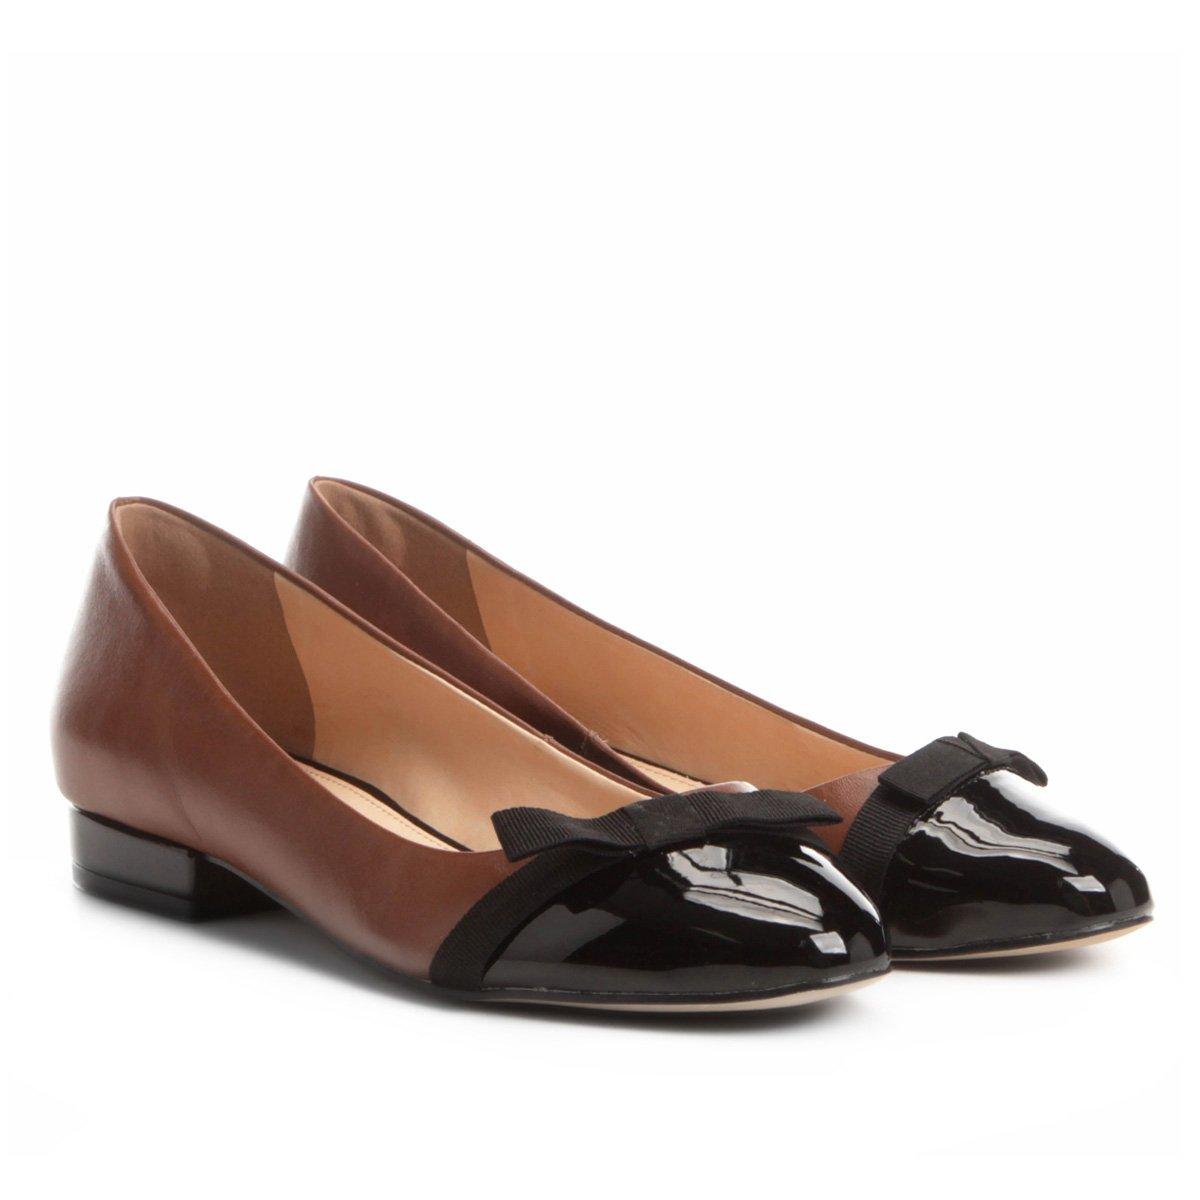 616e0bf60 Sapatilha Couro Shoestock com Laço de Gorgurão Feminina - Caramelo |  Shoestock